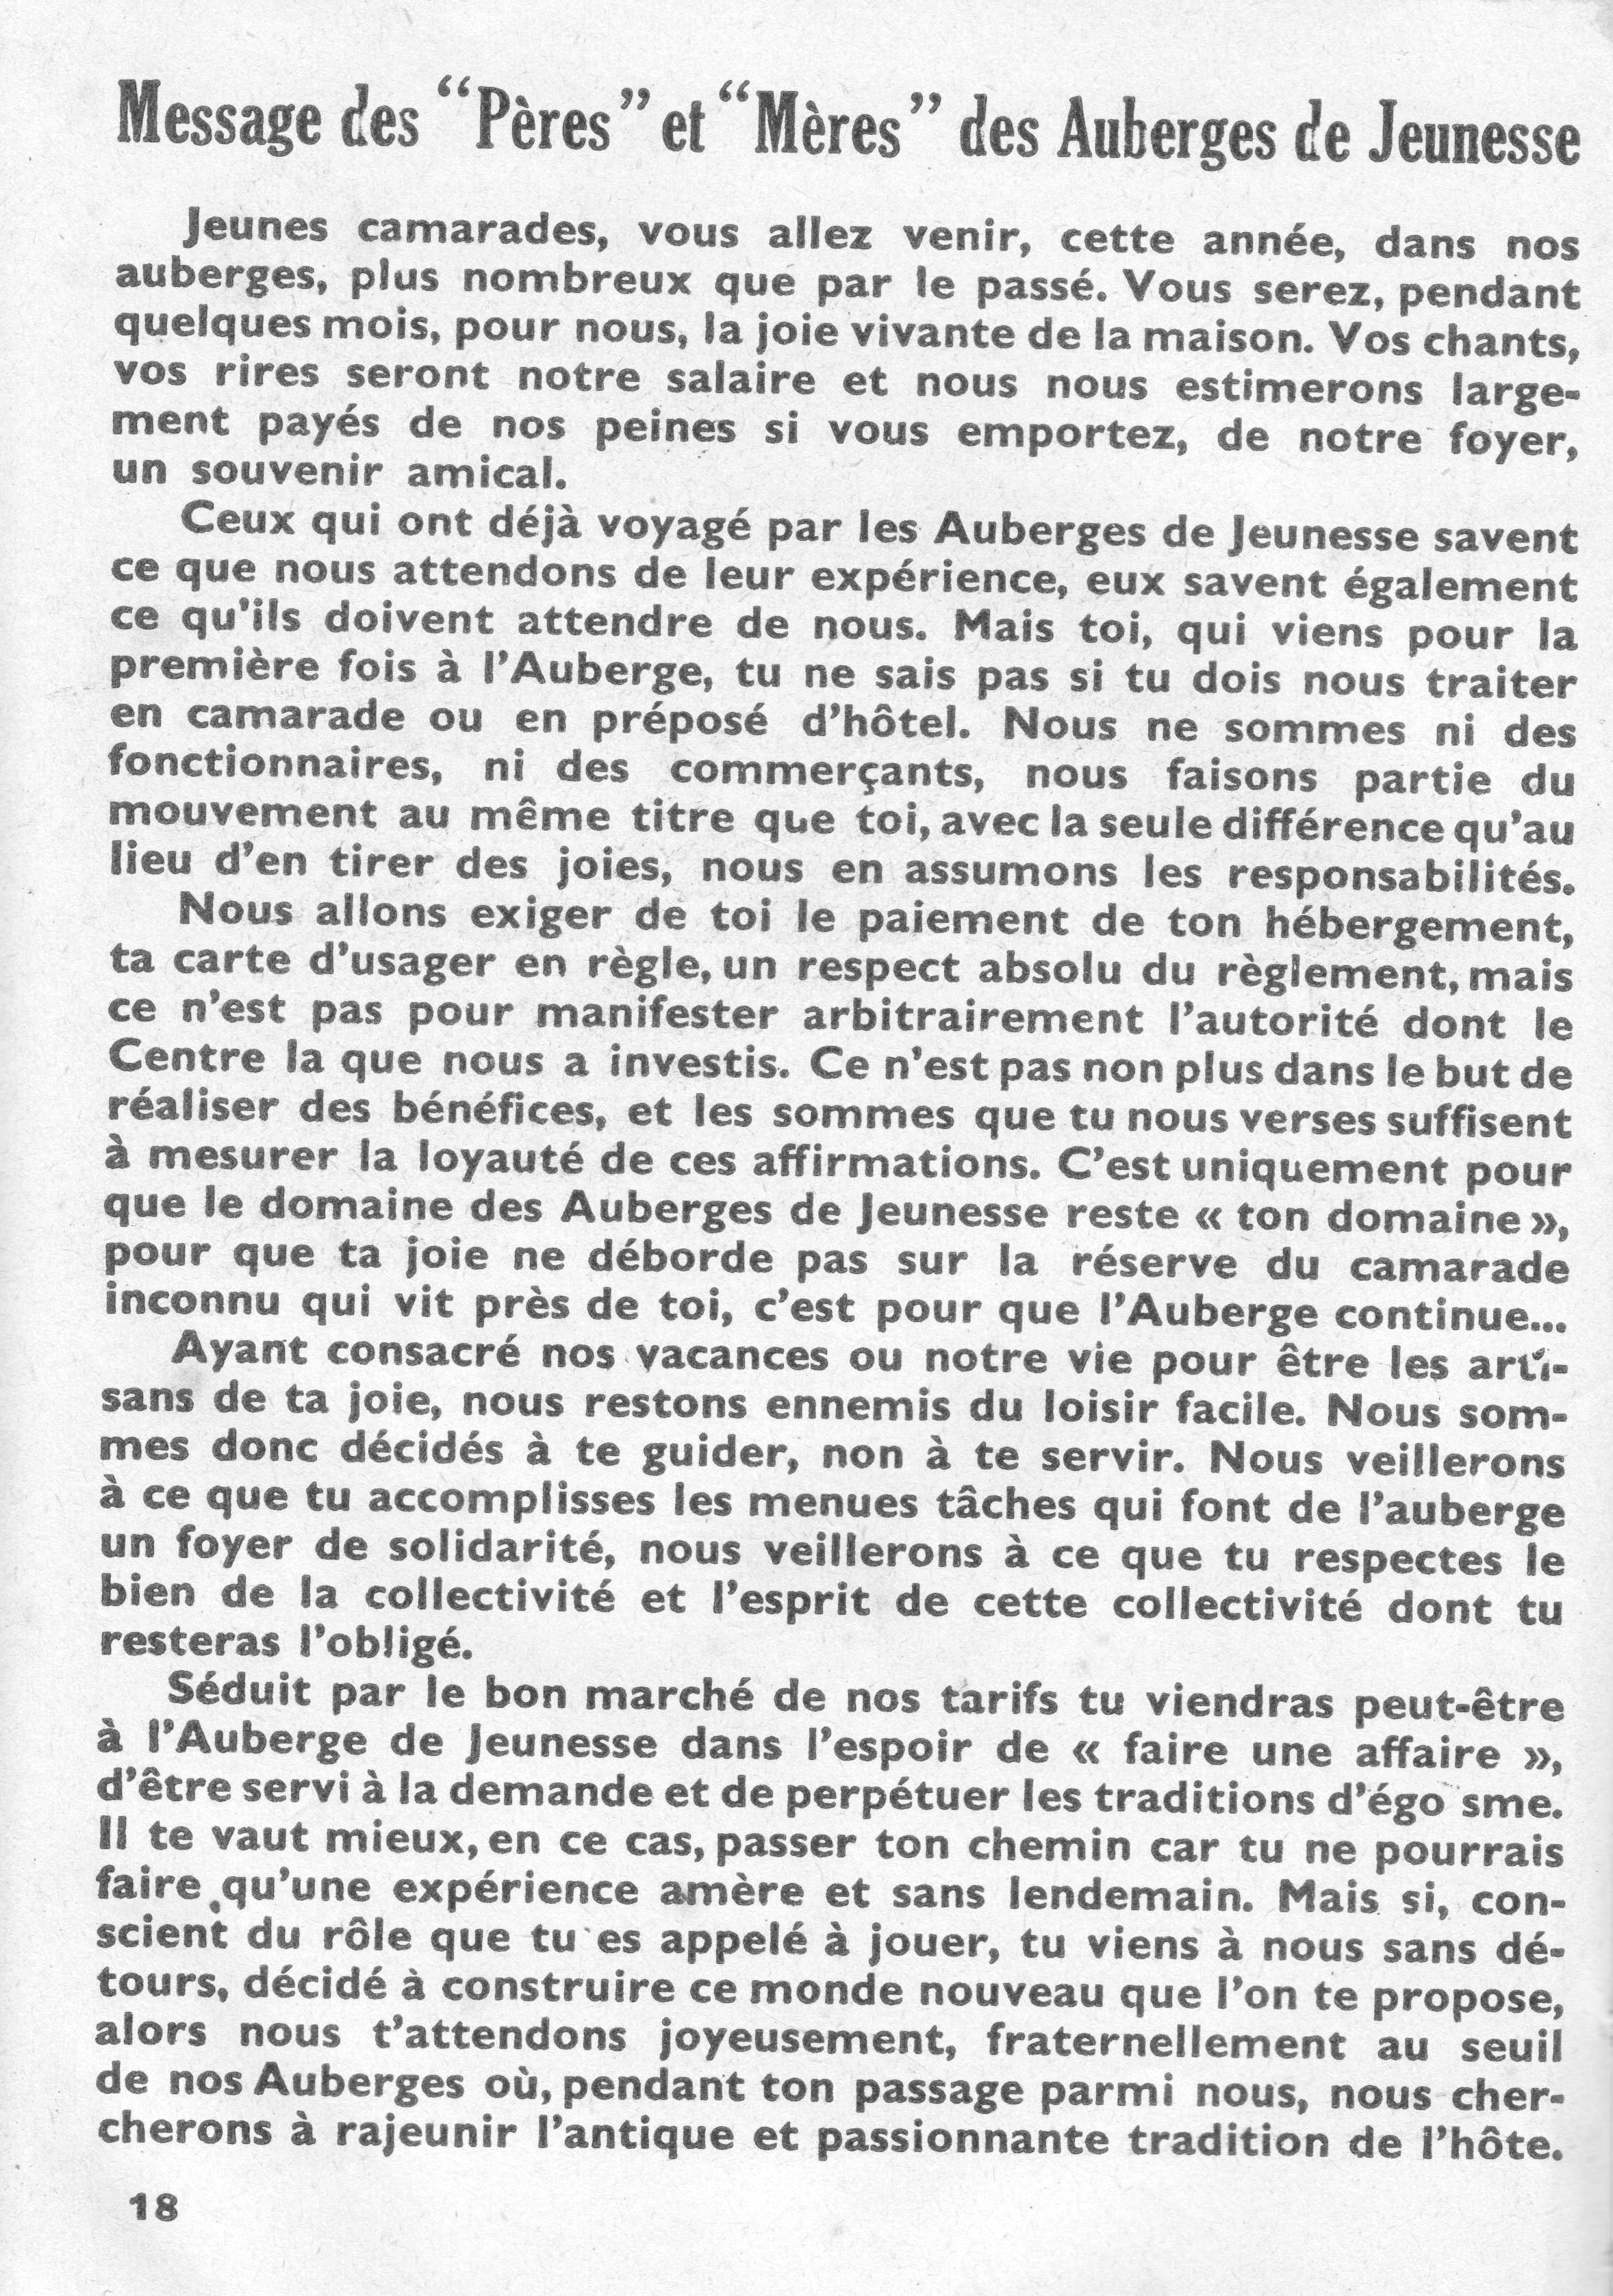 1937 (Guide des auberges de jeunesse) - 3